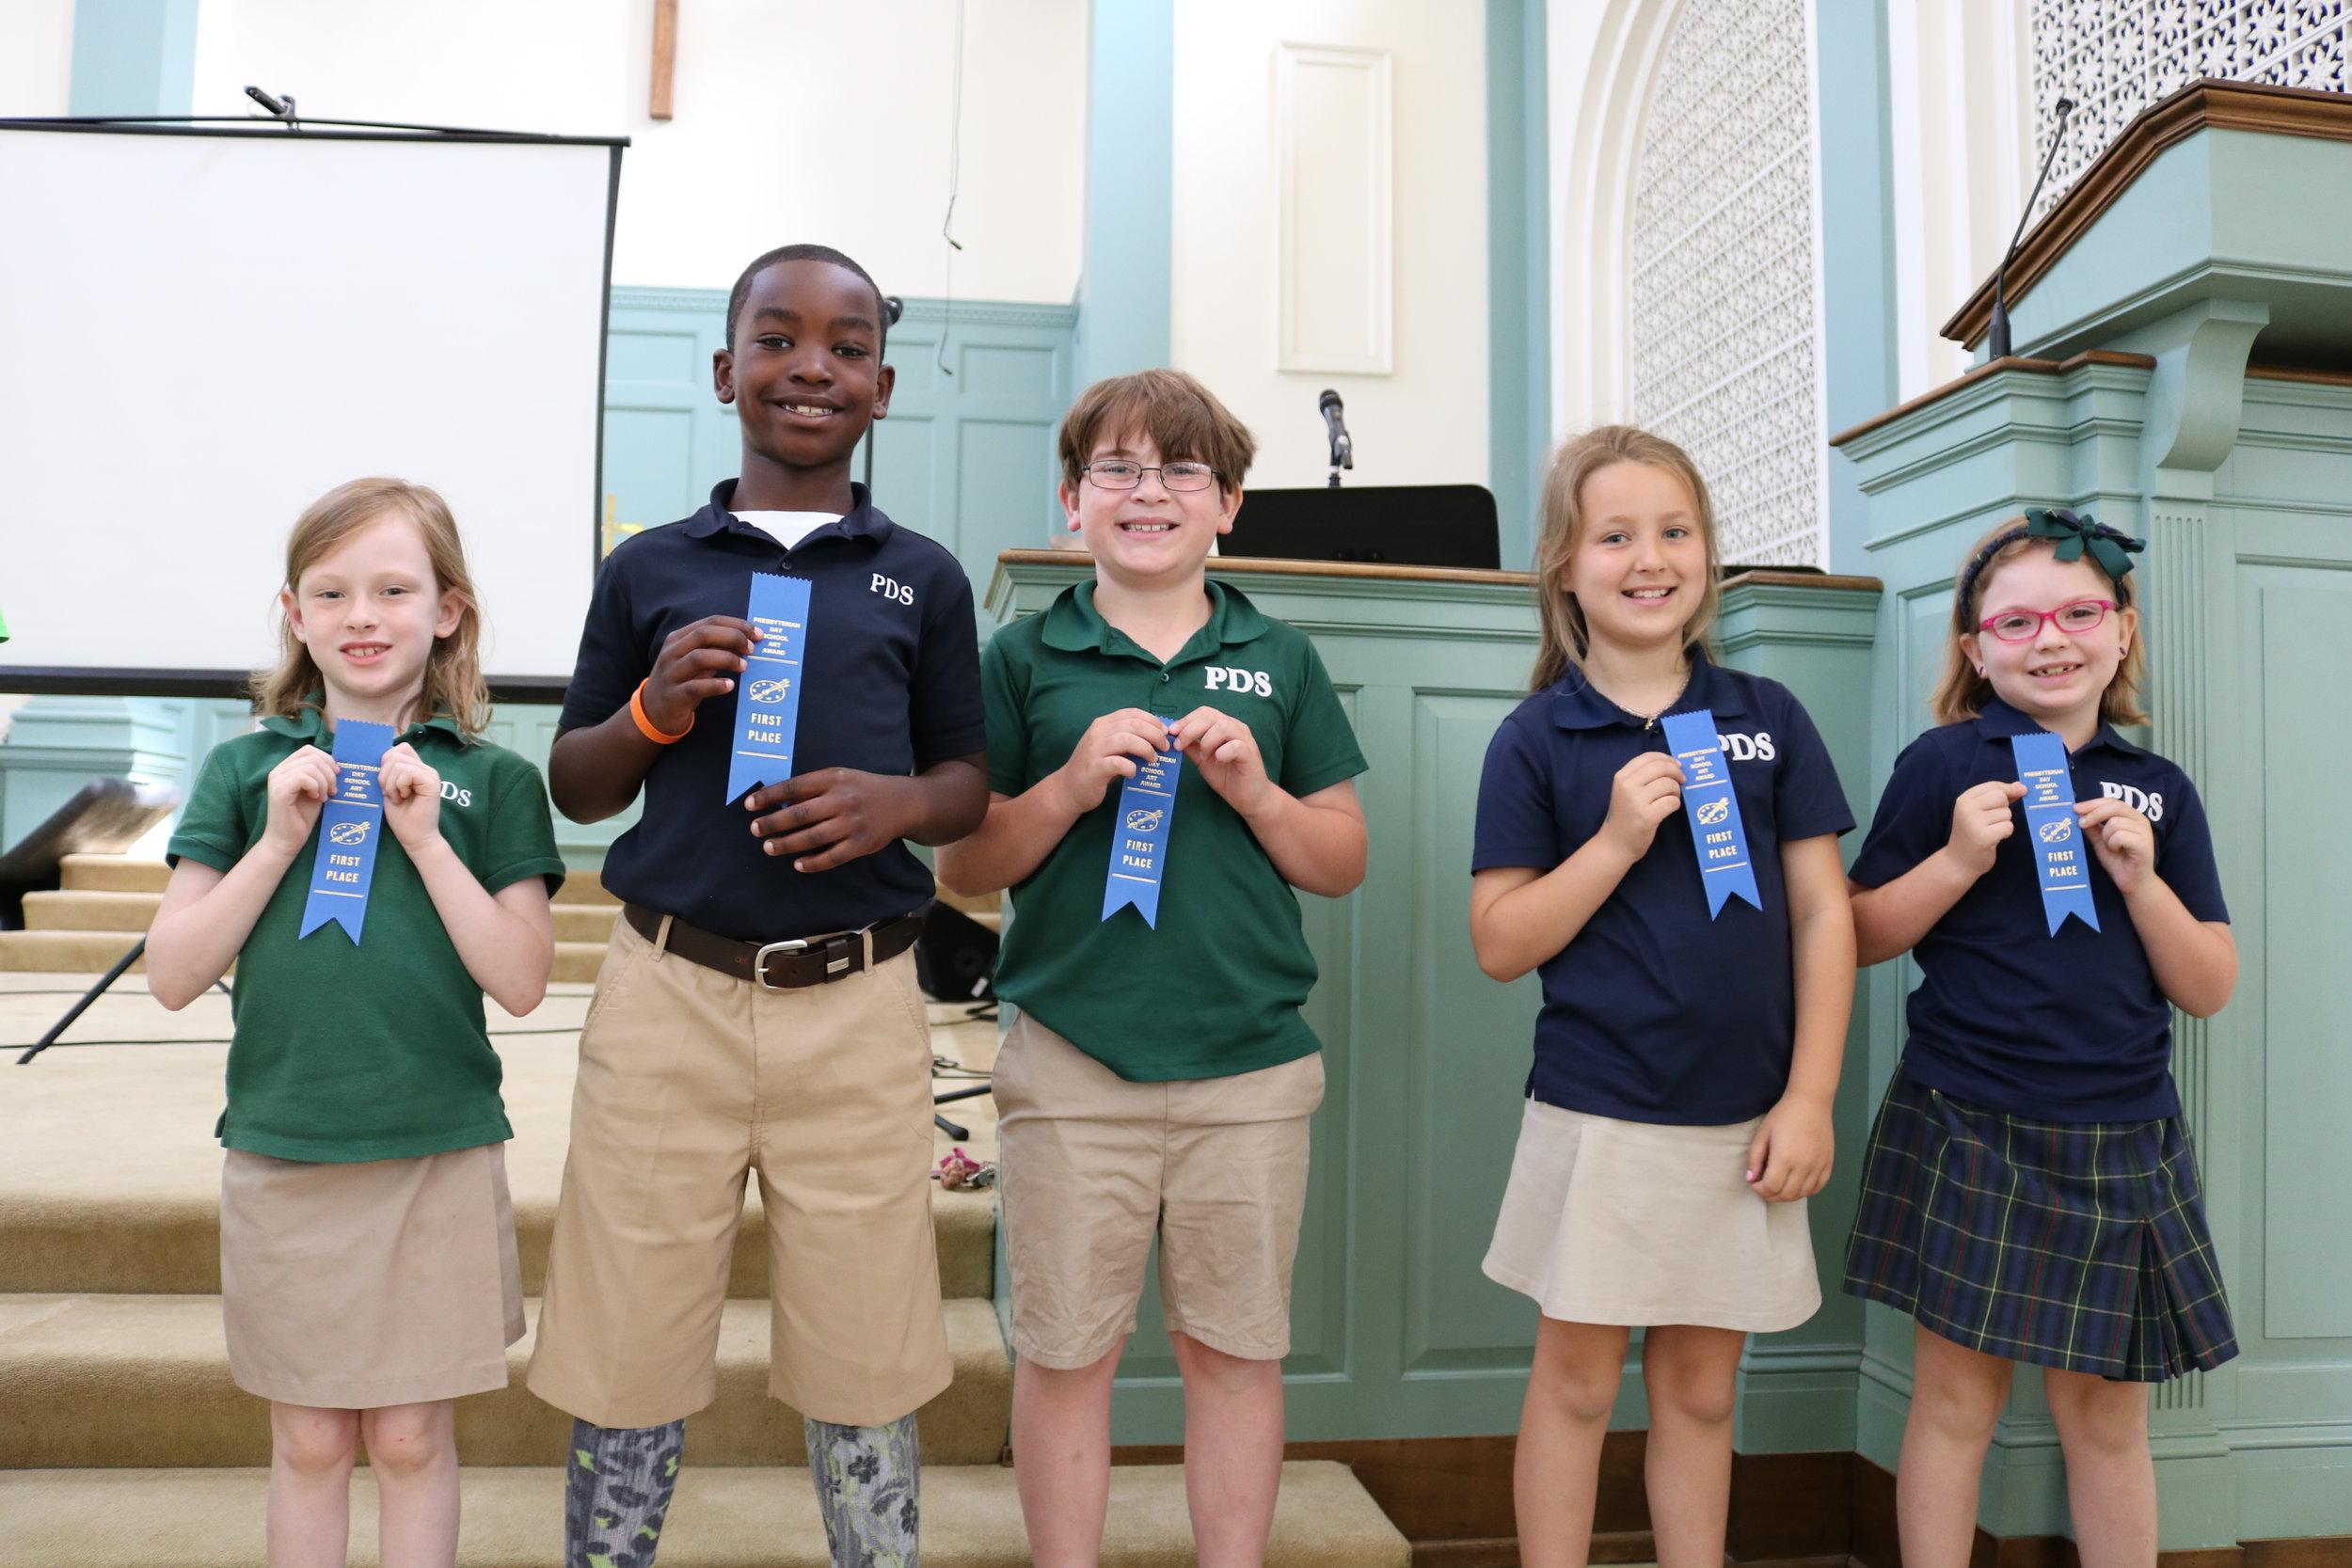 2nd grade PDS winners